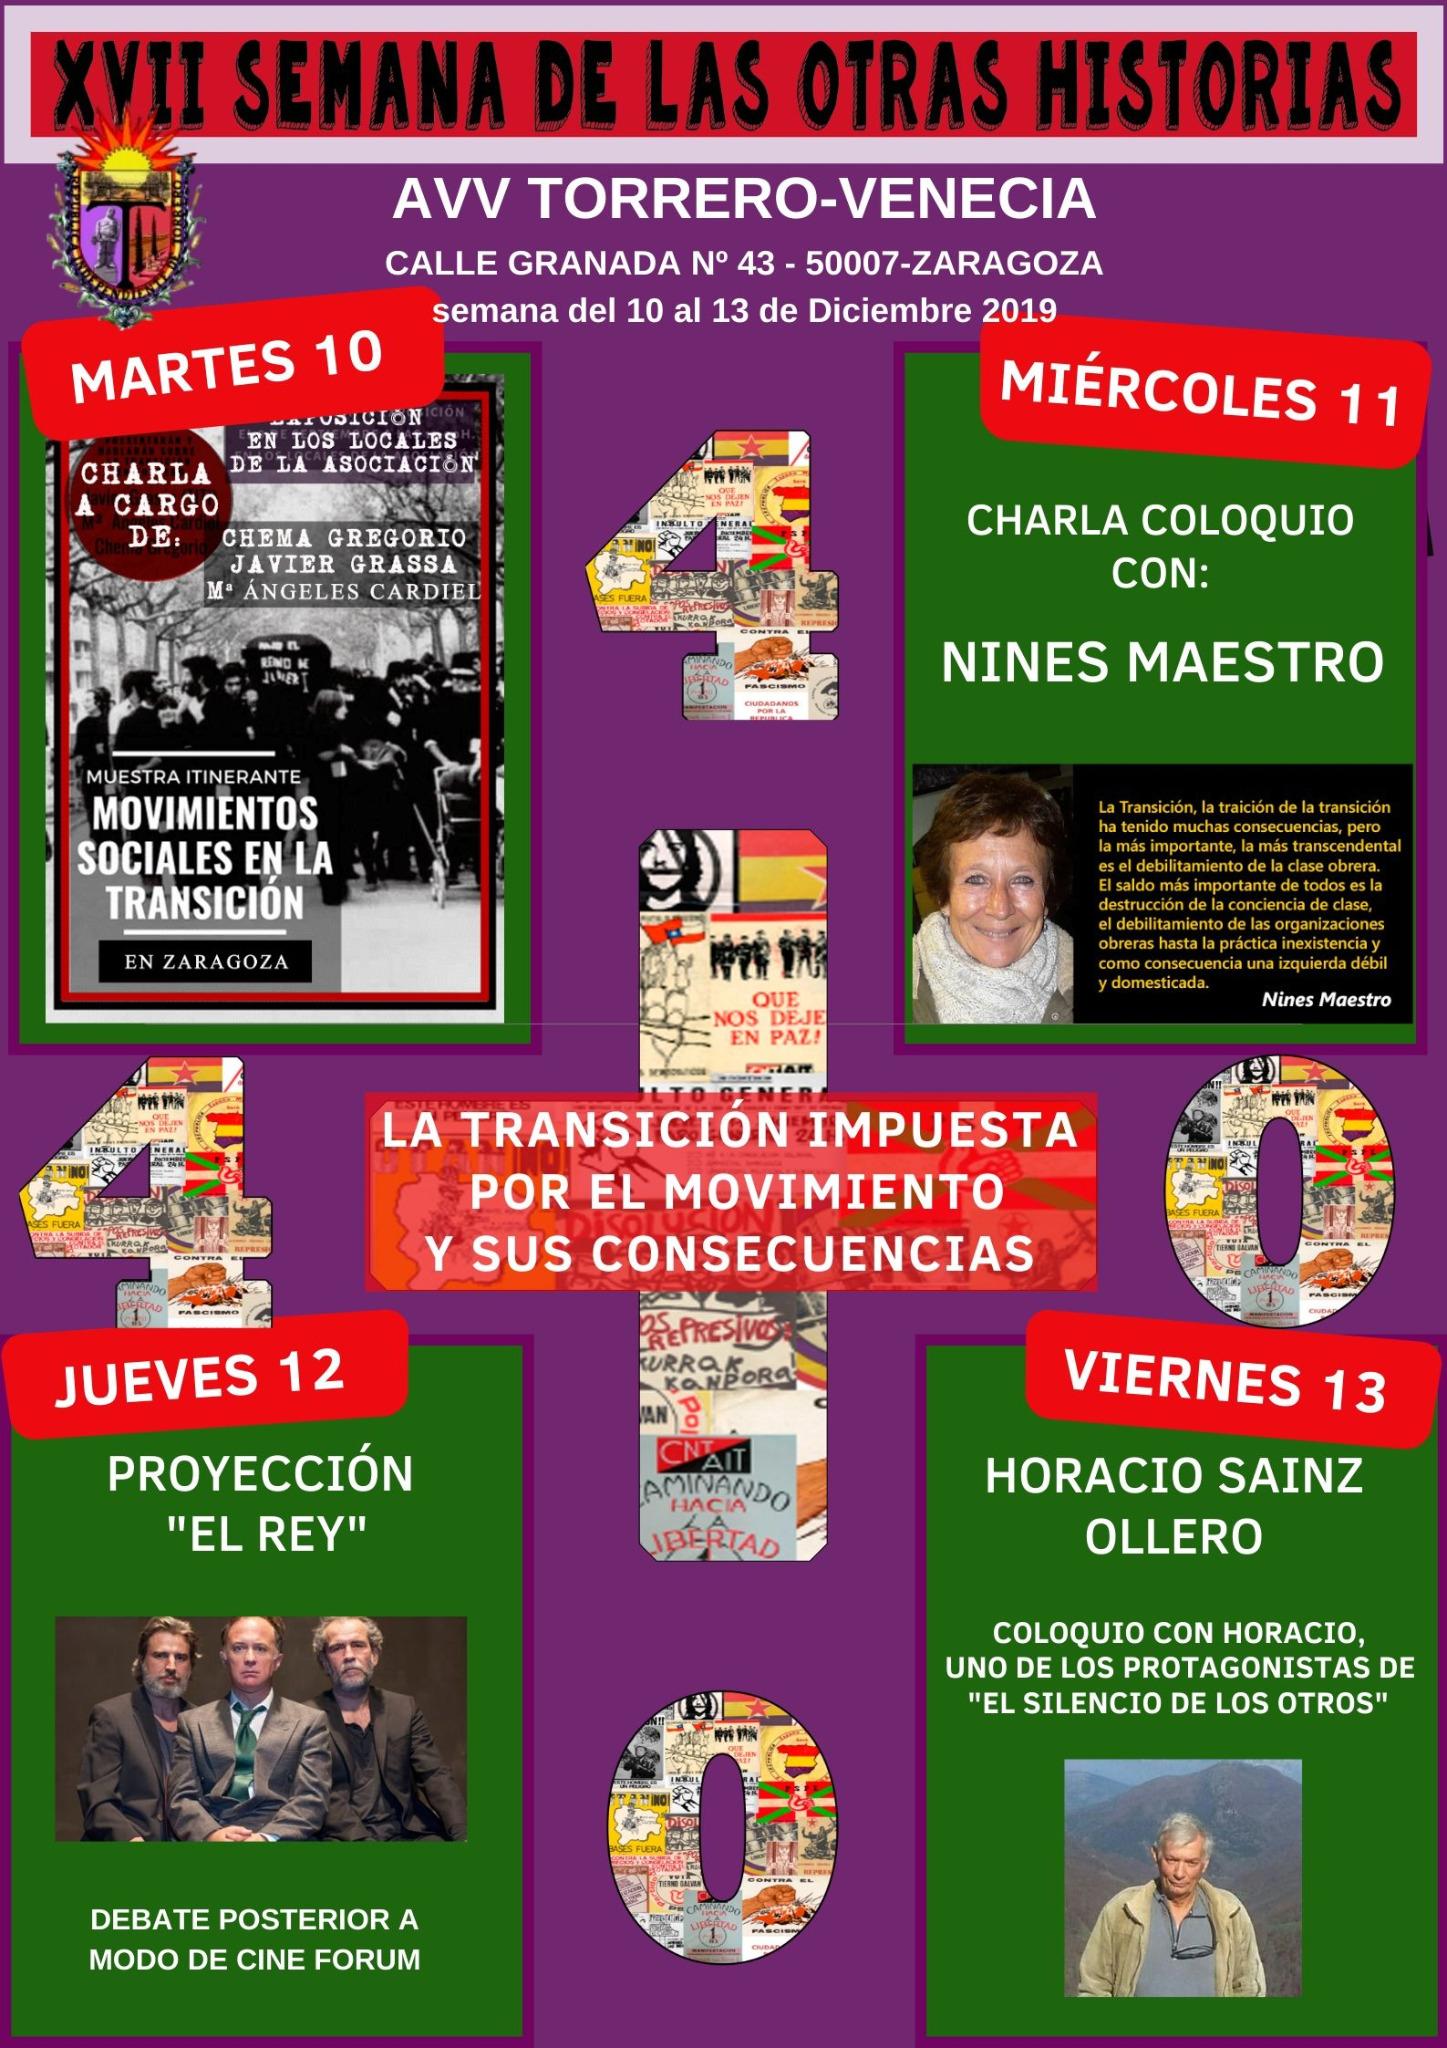 Zaragoza. XVII SEMANA DE LAS OTRAS HISTORIAS